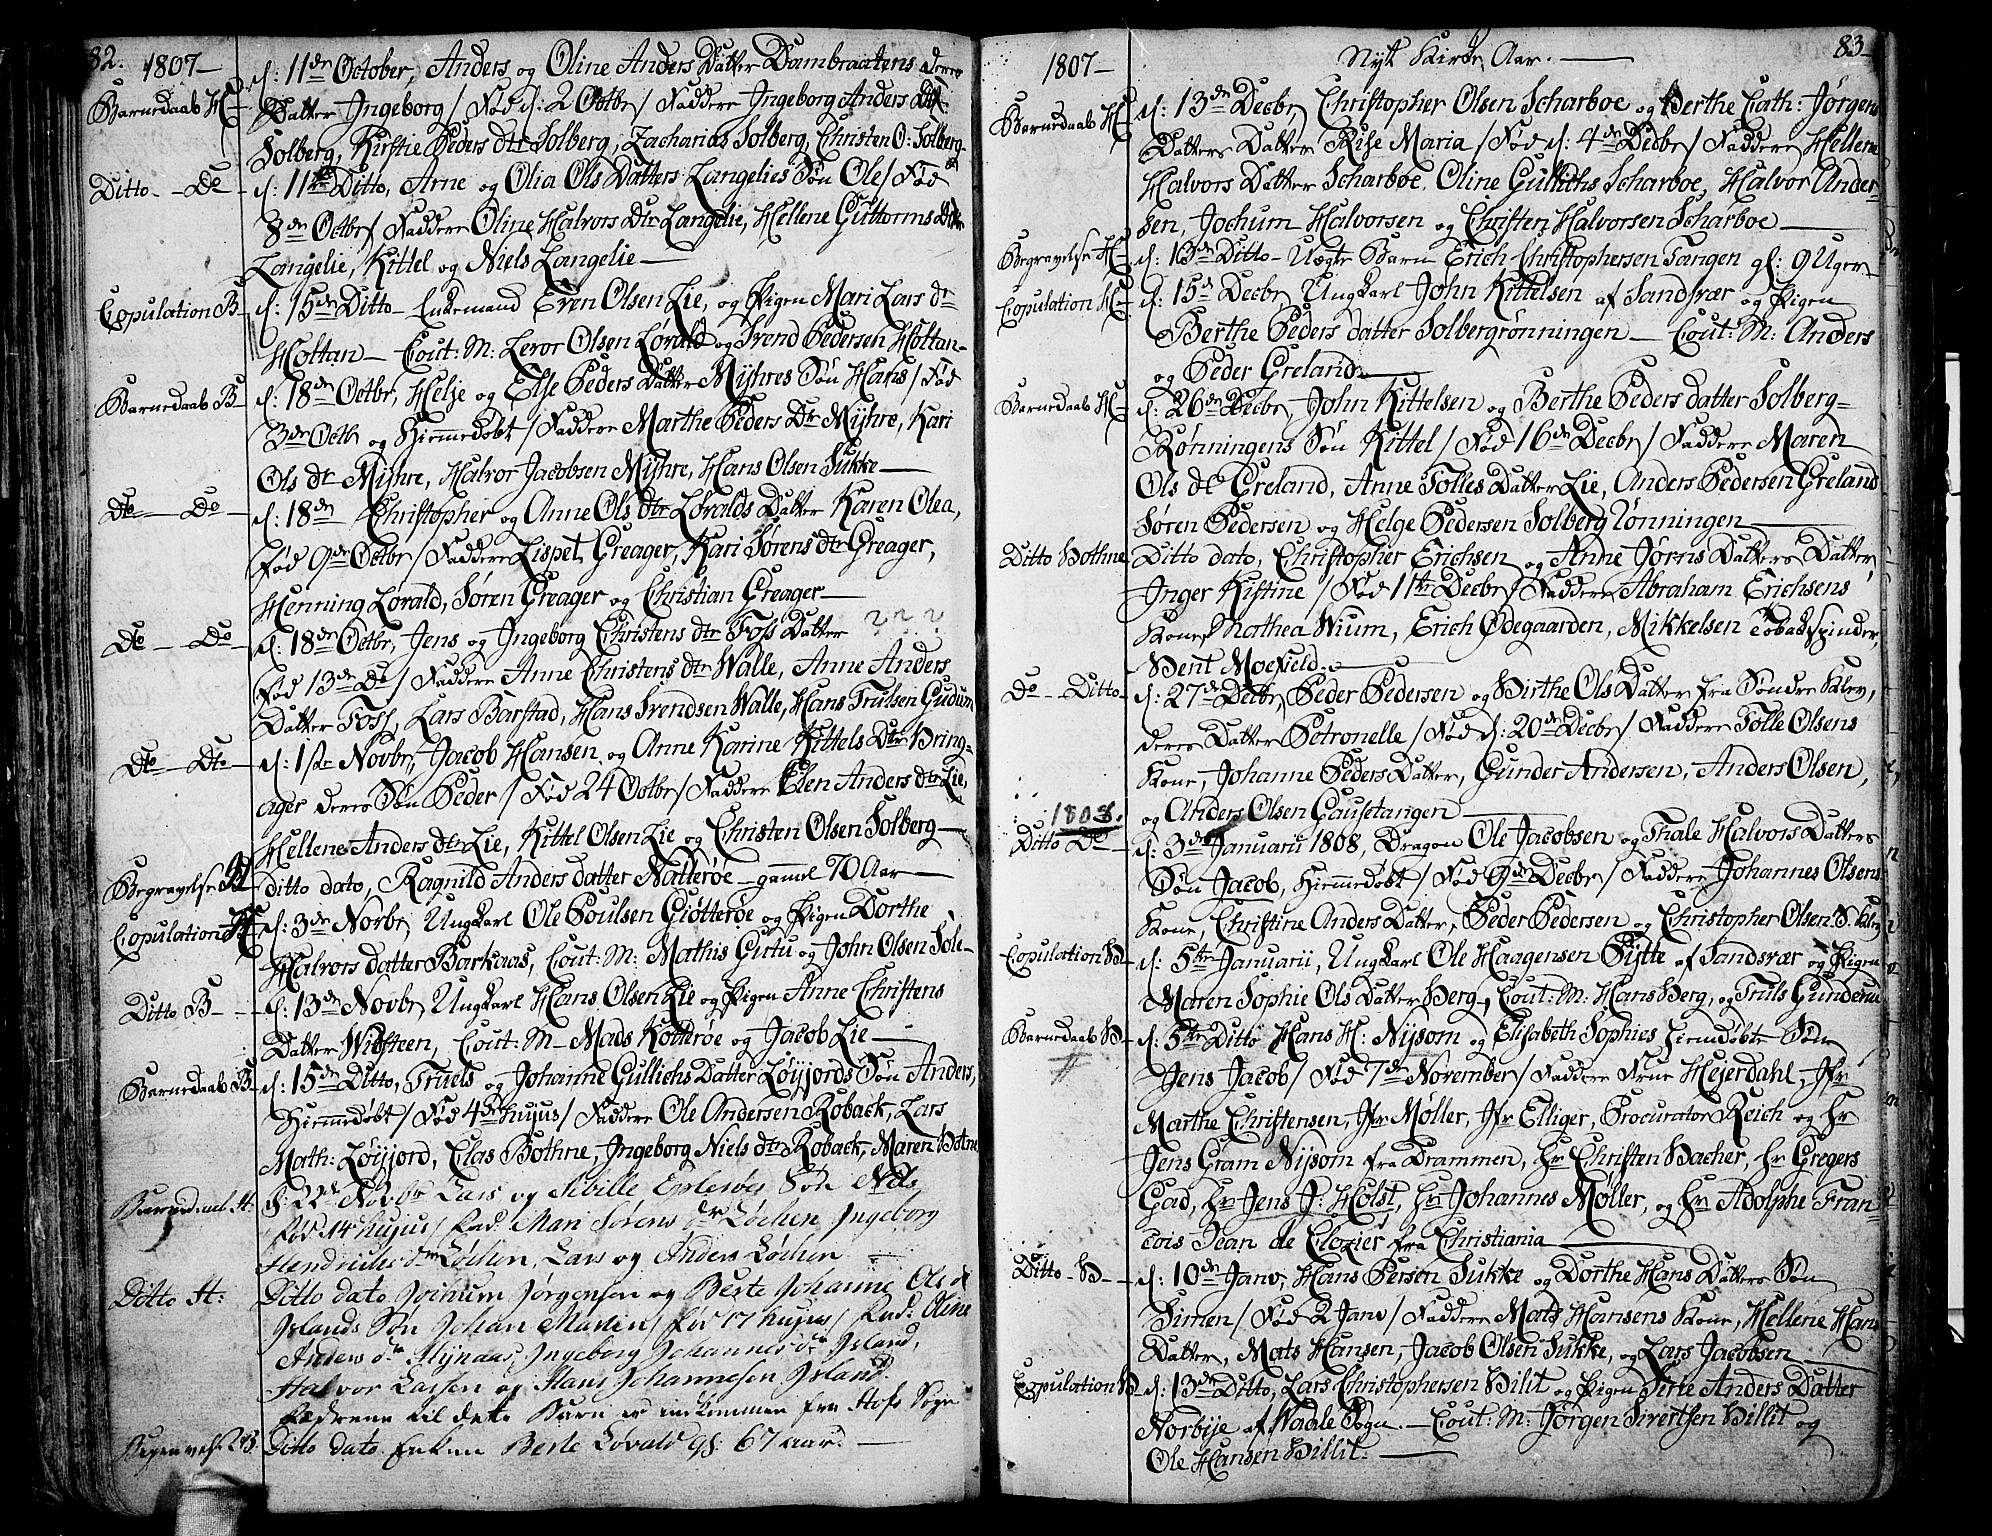 SAKO, Botne kirkebøker, F/Fa/L0003: Ministerialbok nr. I 3 /1, 1792-1844, s. 82-83